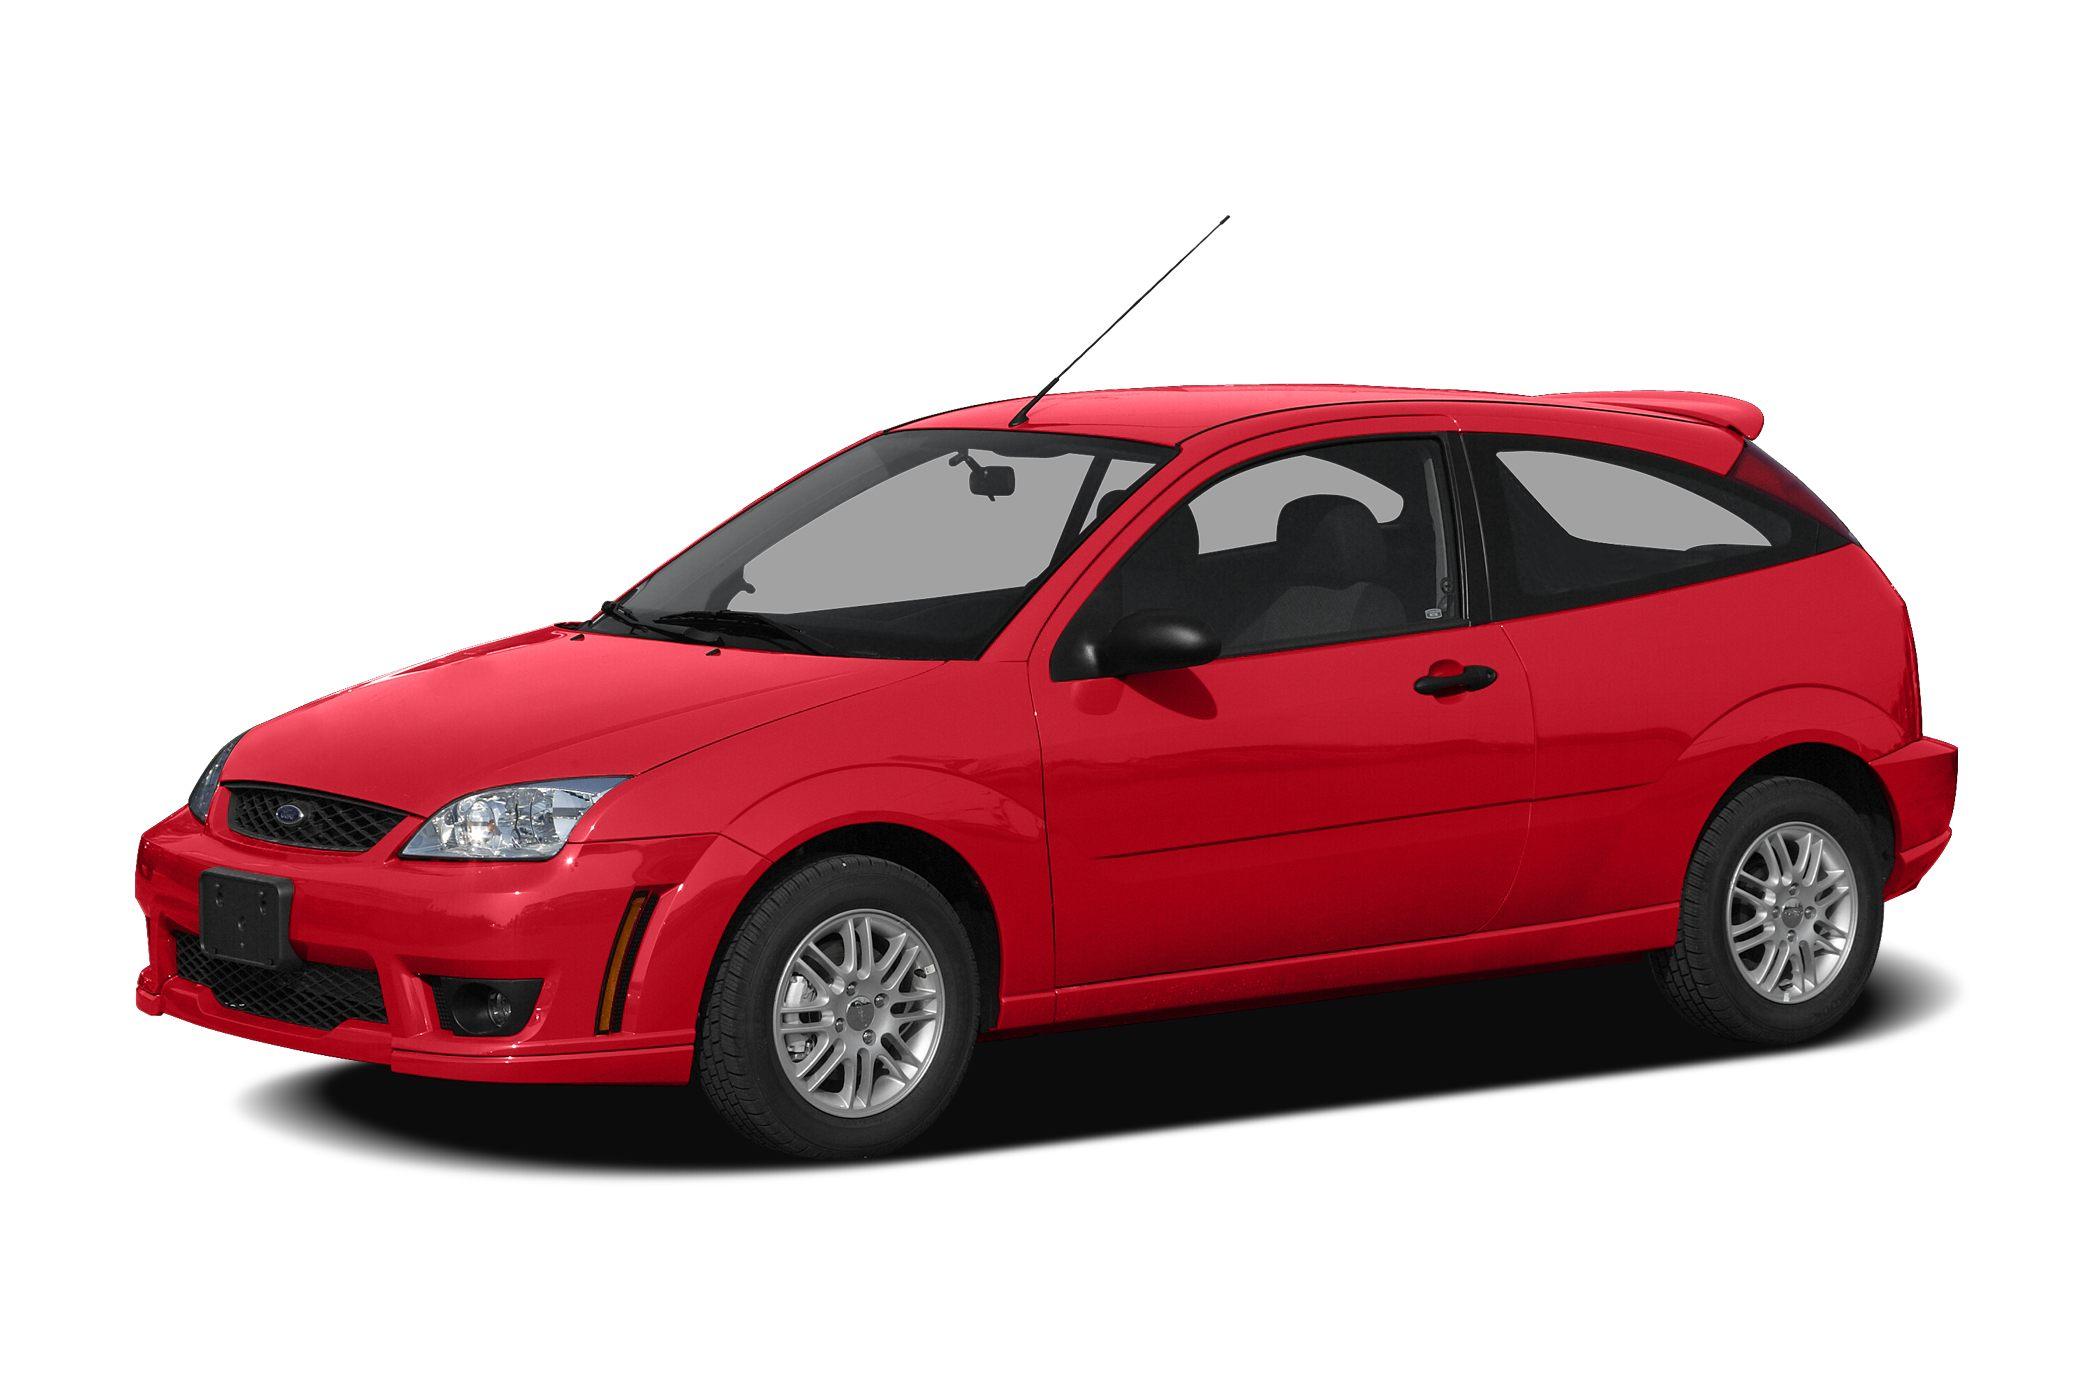 2001 ford focus zx3 2 door hatchback